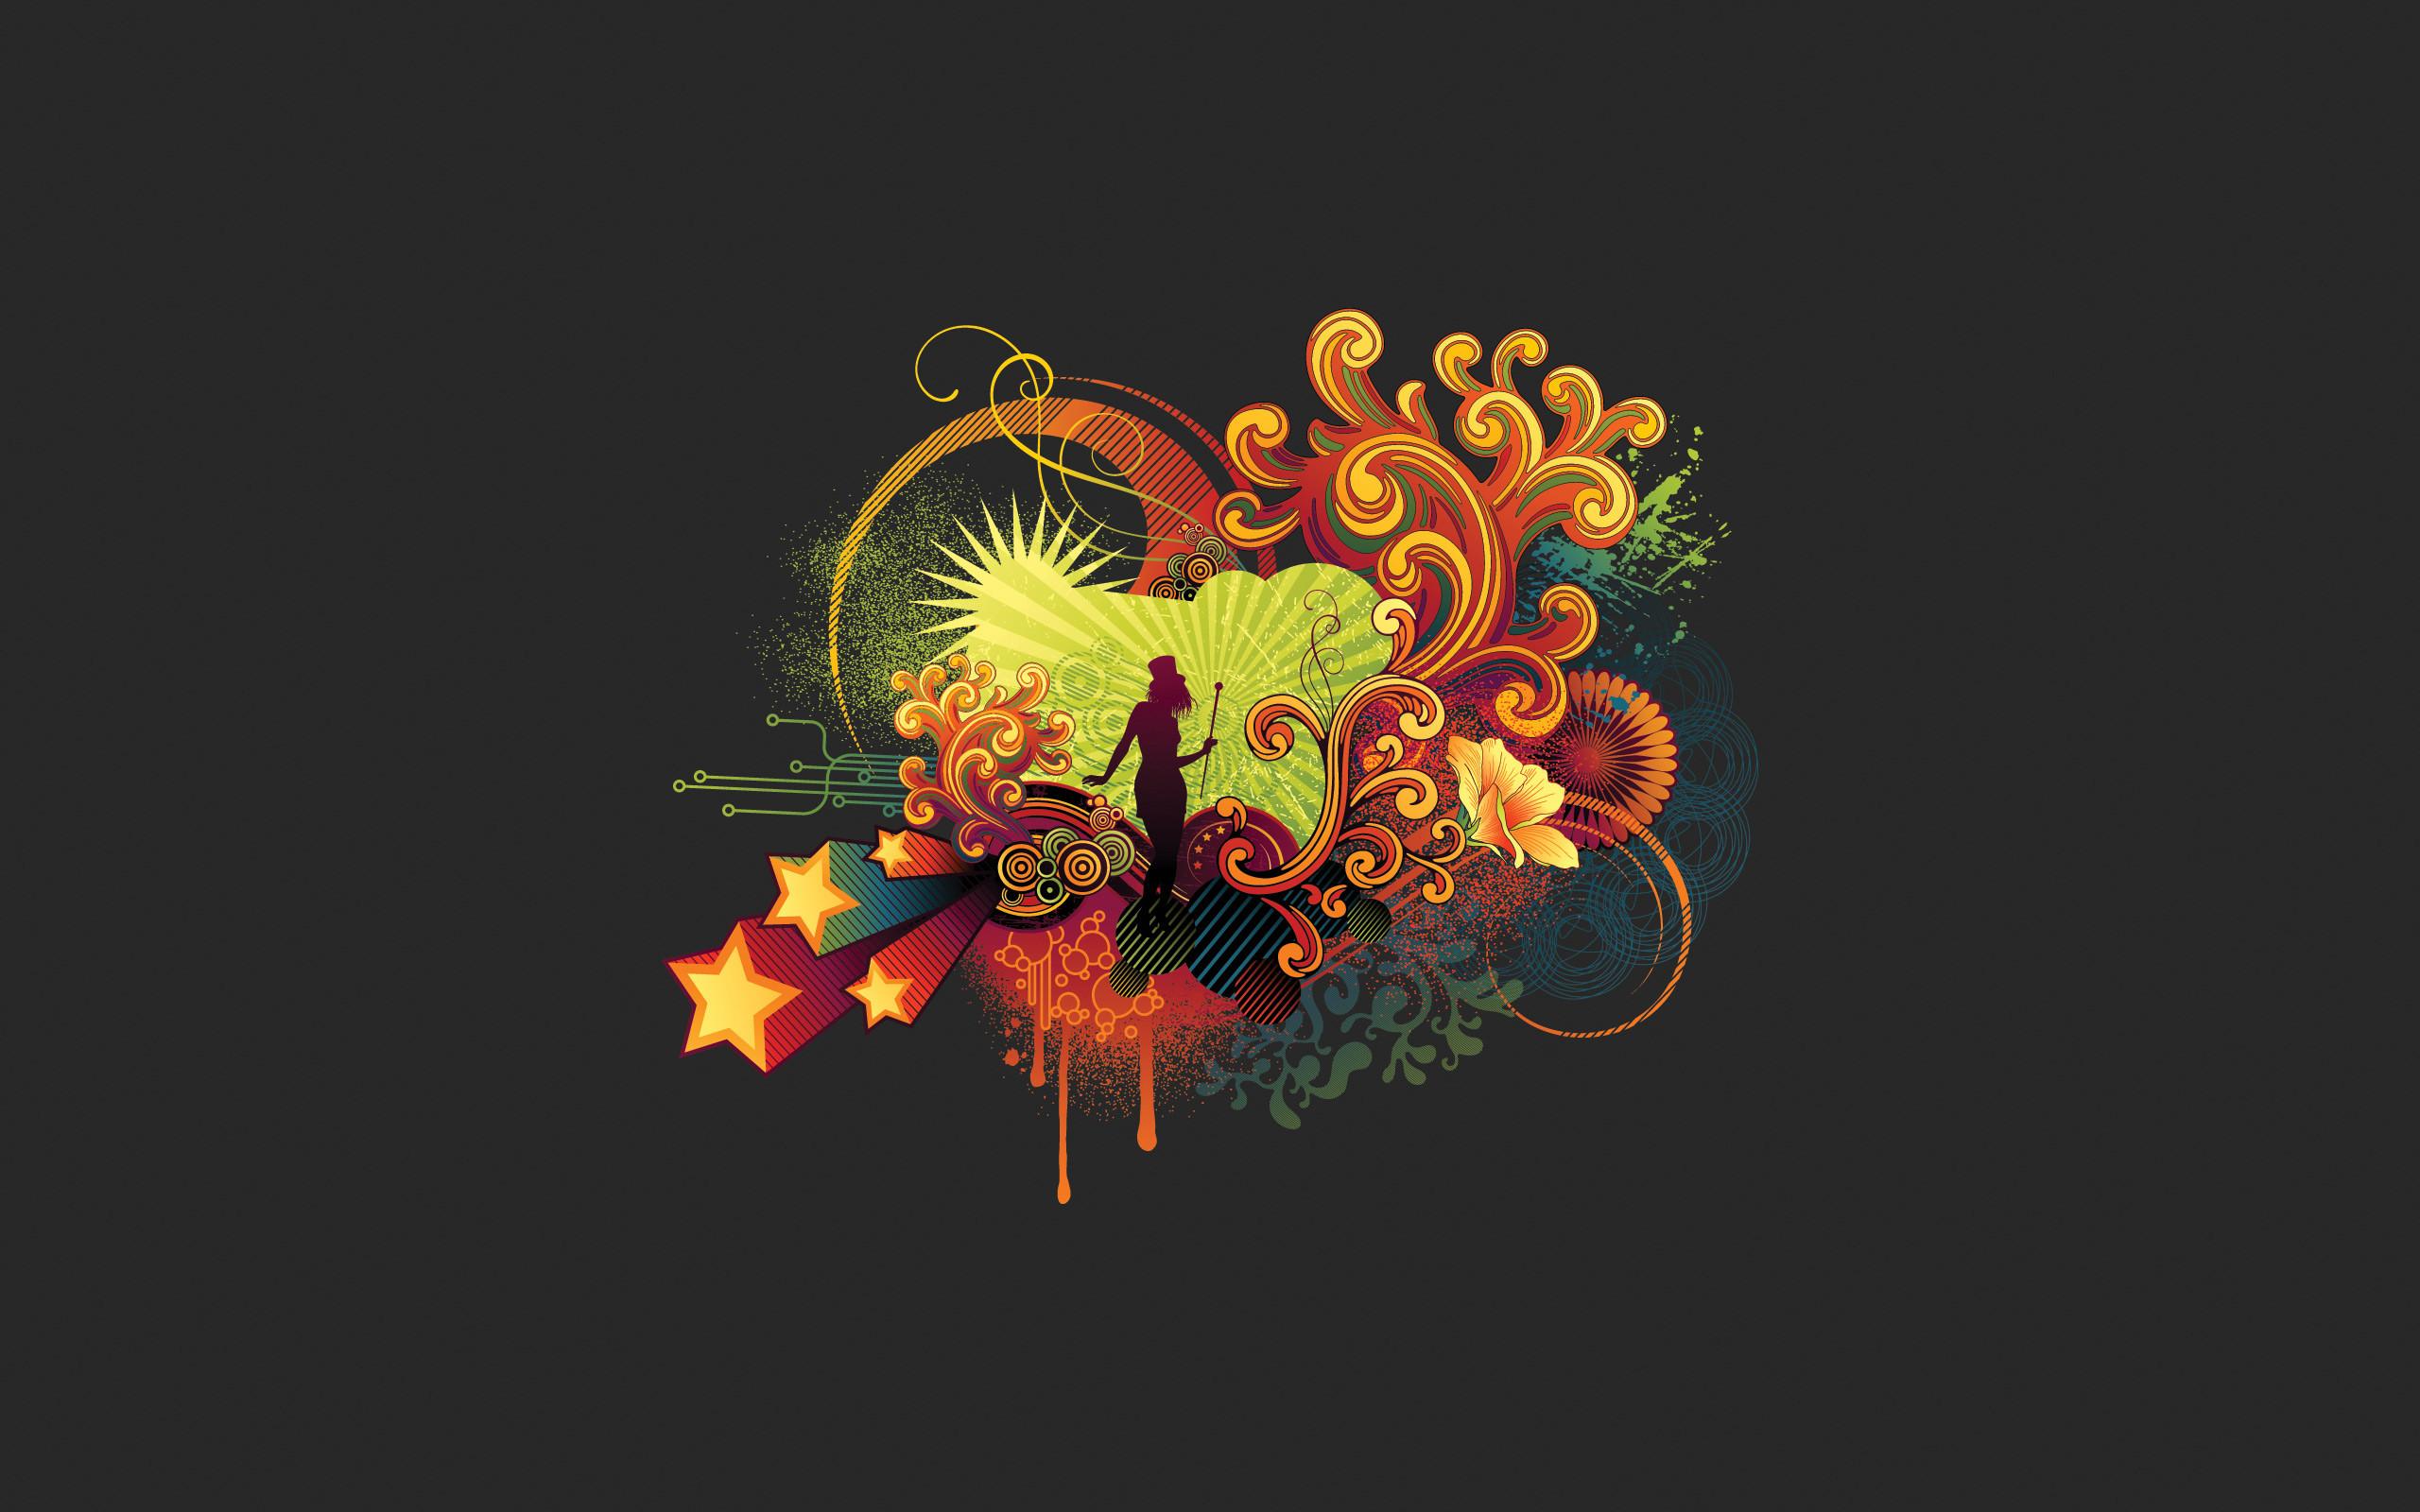 Must see Wallpaper Home Screen Artsy - 163075  Gallery_999178.jpg